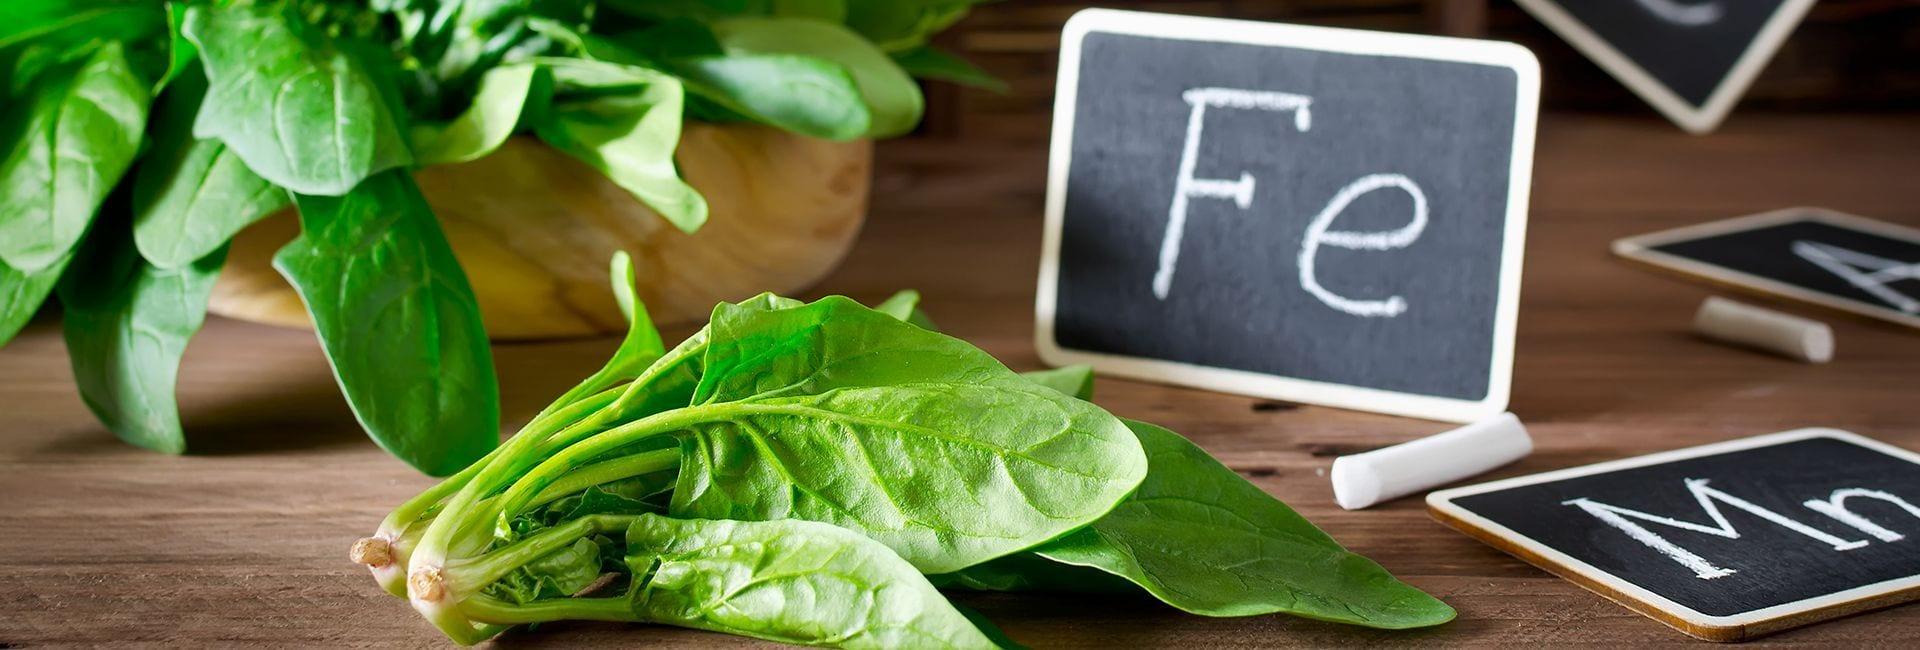 Los cereales y verduras, fuentes vegetales de hierro